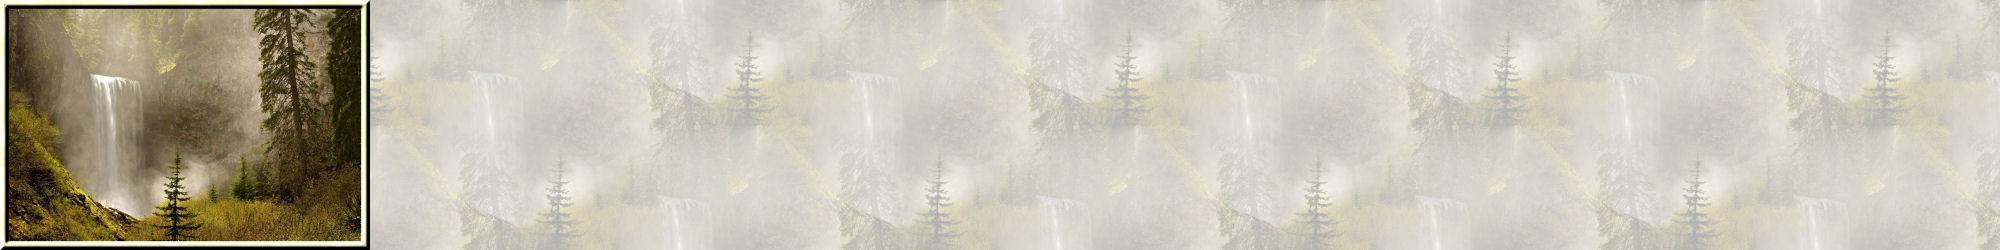 Fondo IM cascadas_dia_006.imf